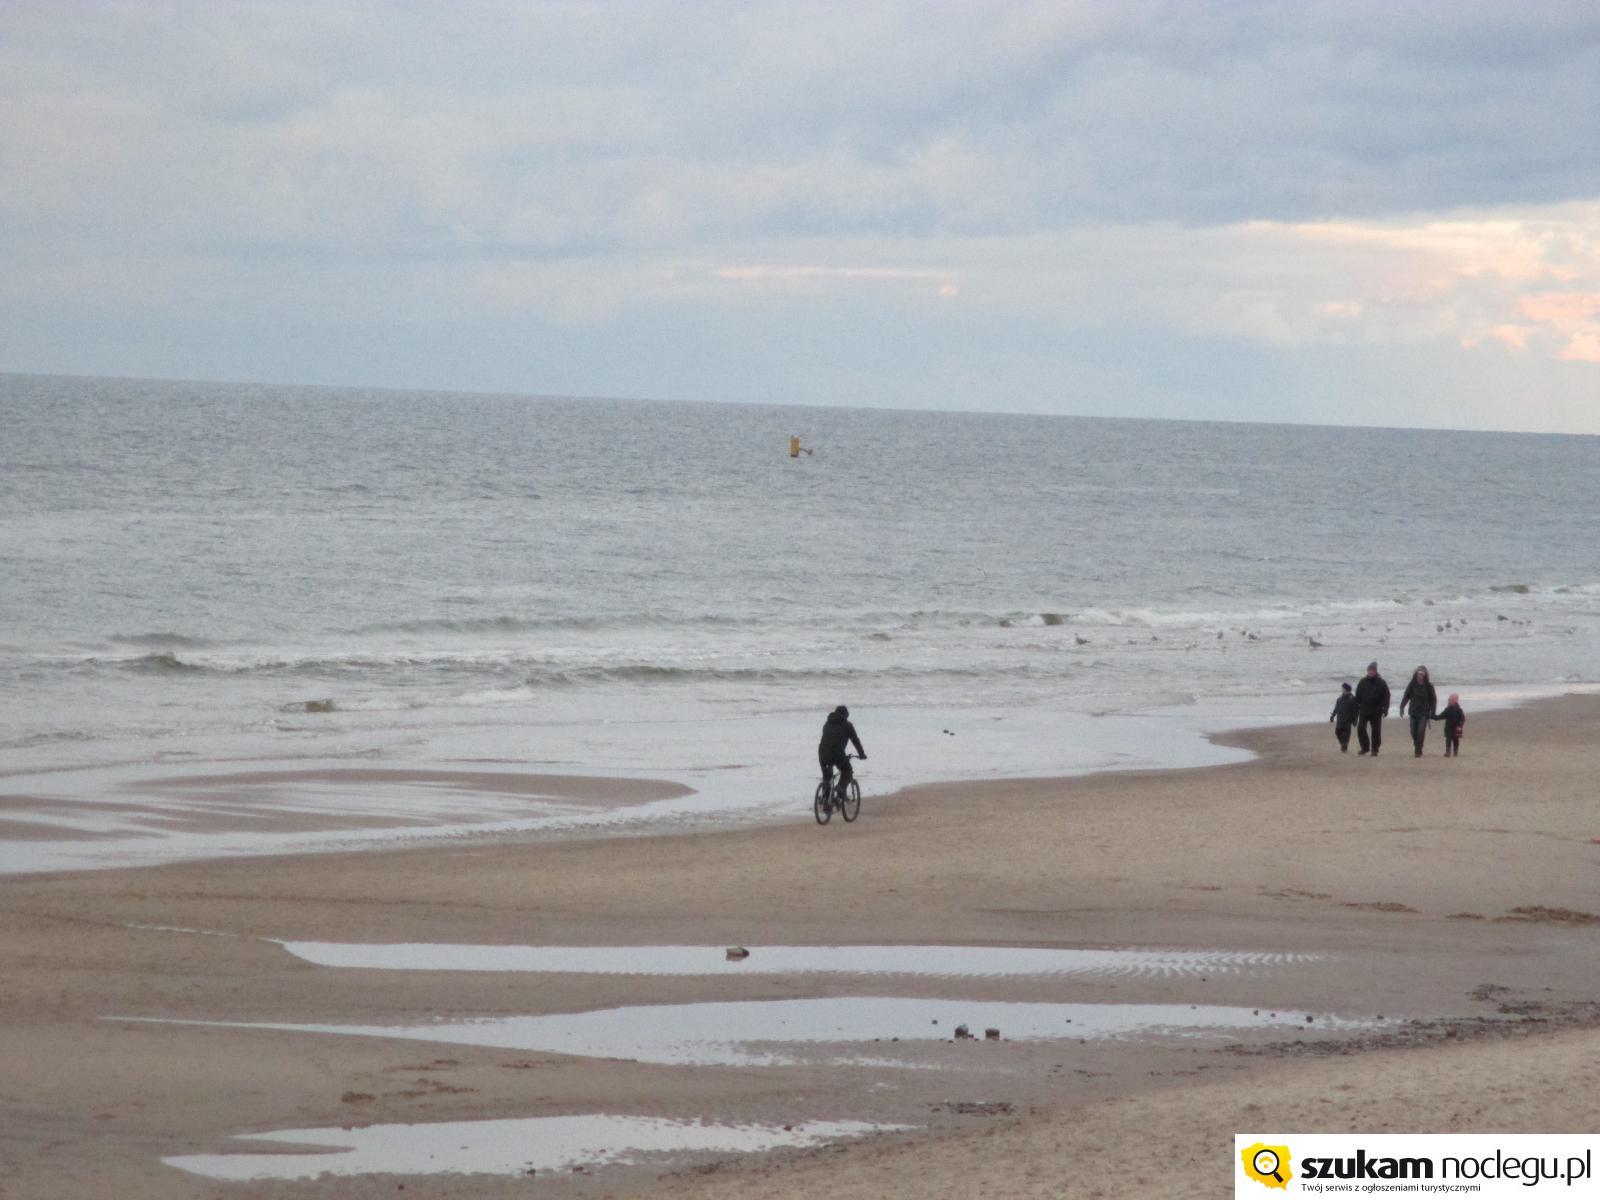 Rowerem po plaży